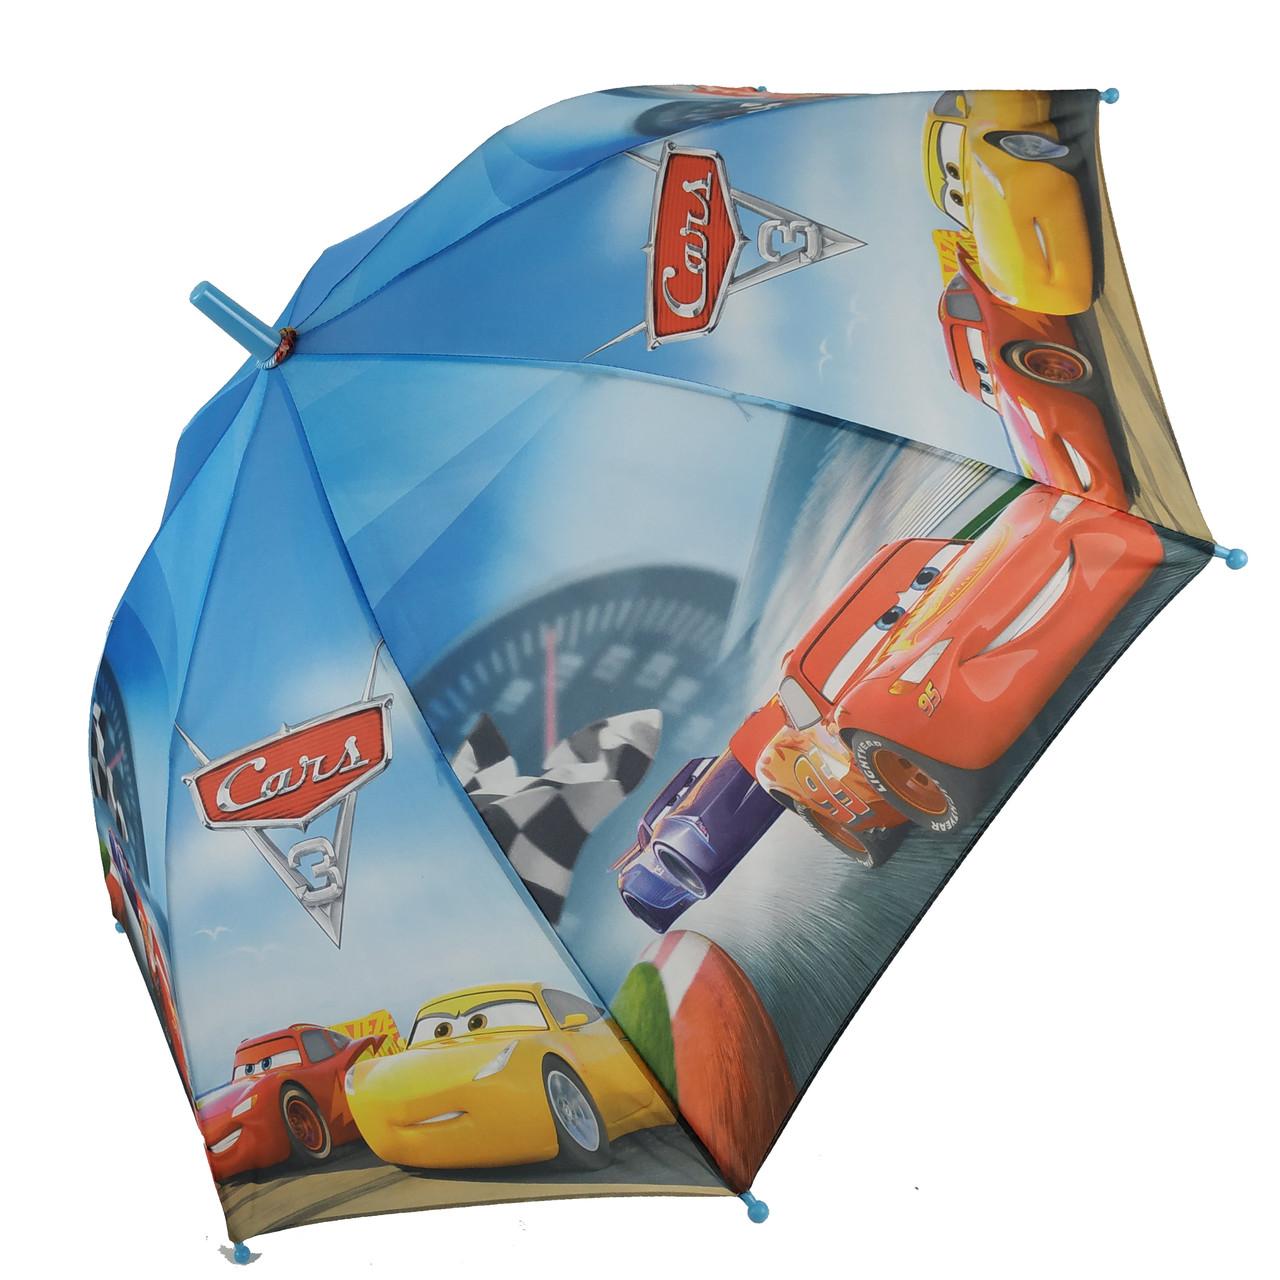 """Дитячий парасольку-тростину """"Тачки-Маквін"""" зі свистком для хлопчика від Max, різнобарвний, 009-2"""